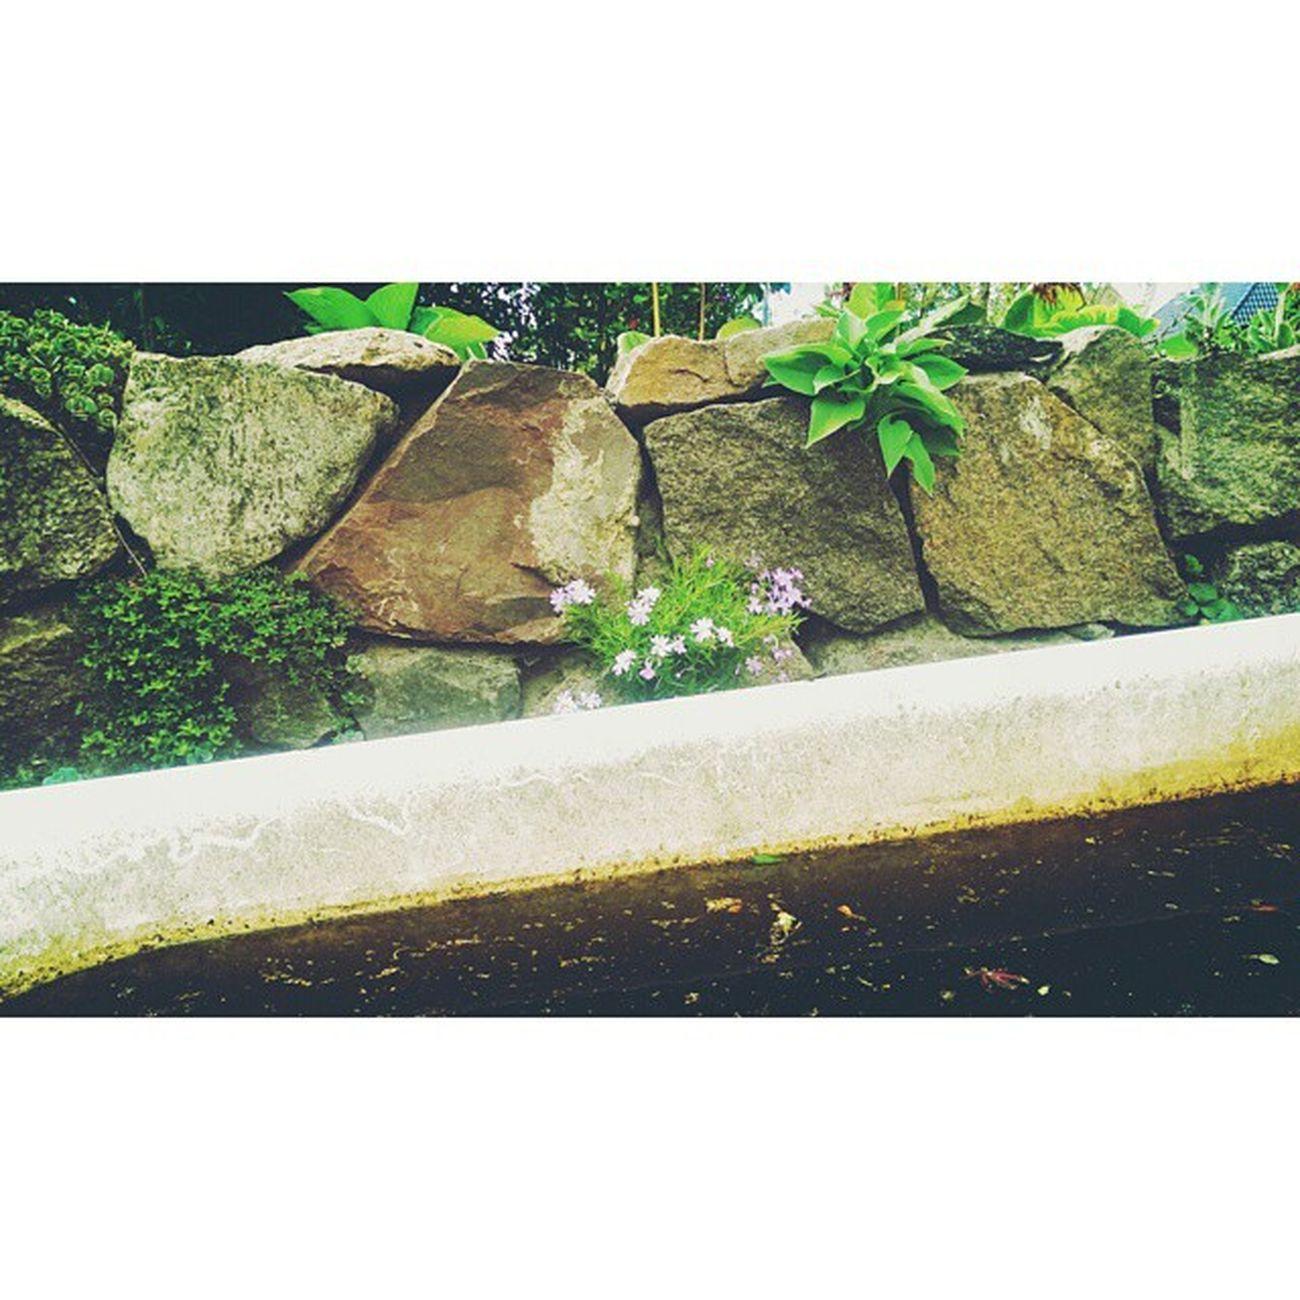 Gardening Part 2 Stones Gewächs Greenthings Und Ne Badewanne Ekelwasser Moddderbad Flowerporn Floweroftheday Outside Photographie  Insta Instagood Nurdiehartenkommingartendochmartenmussvordemgartenwarten Justgoshoot